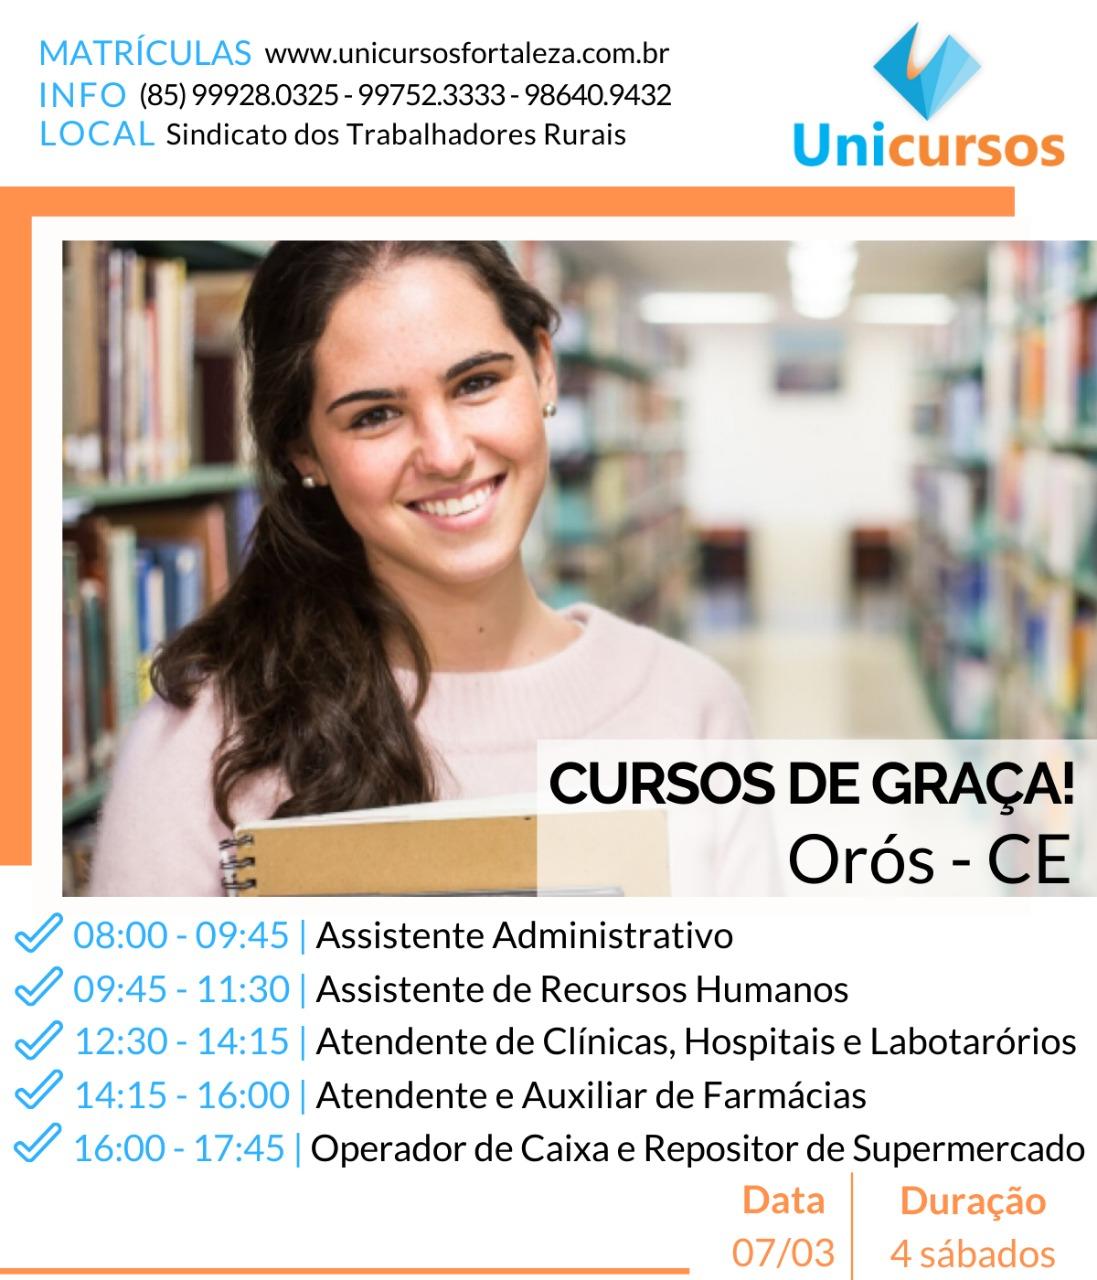 Cursos gratuitos em Orós, click no banner e inscreva-se.